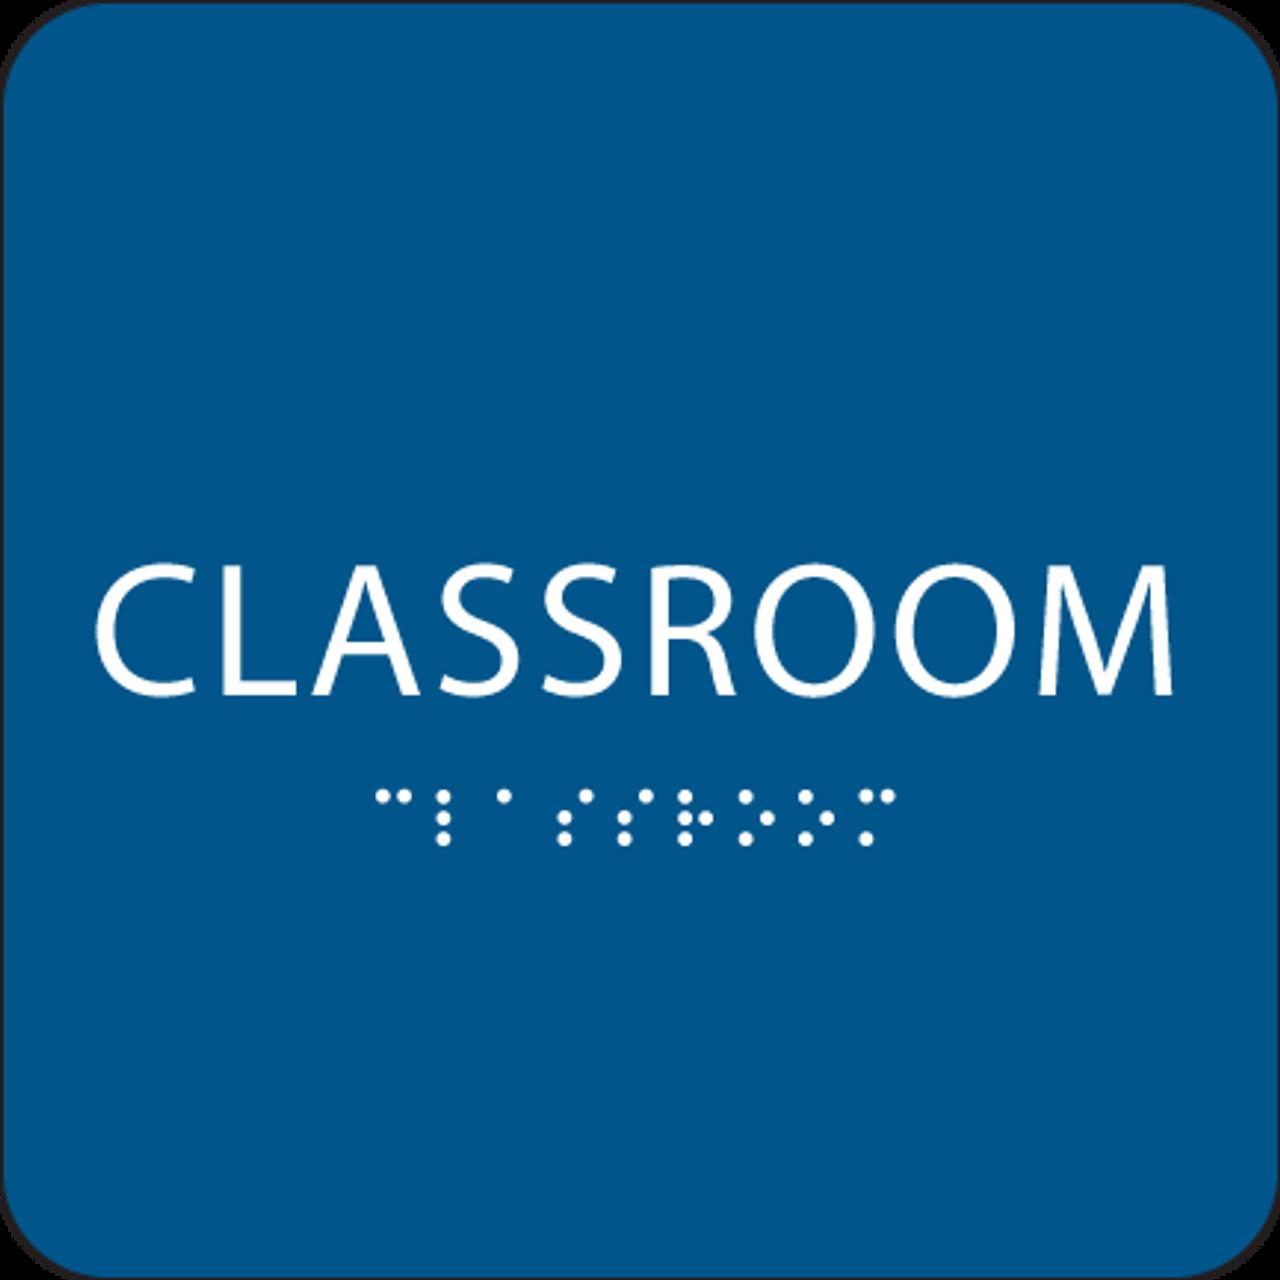 Royal Blue Classroom ADA Sign